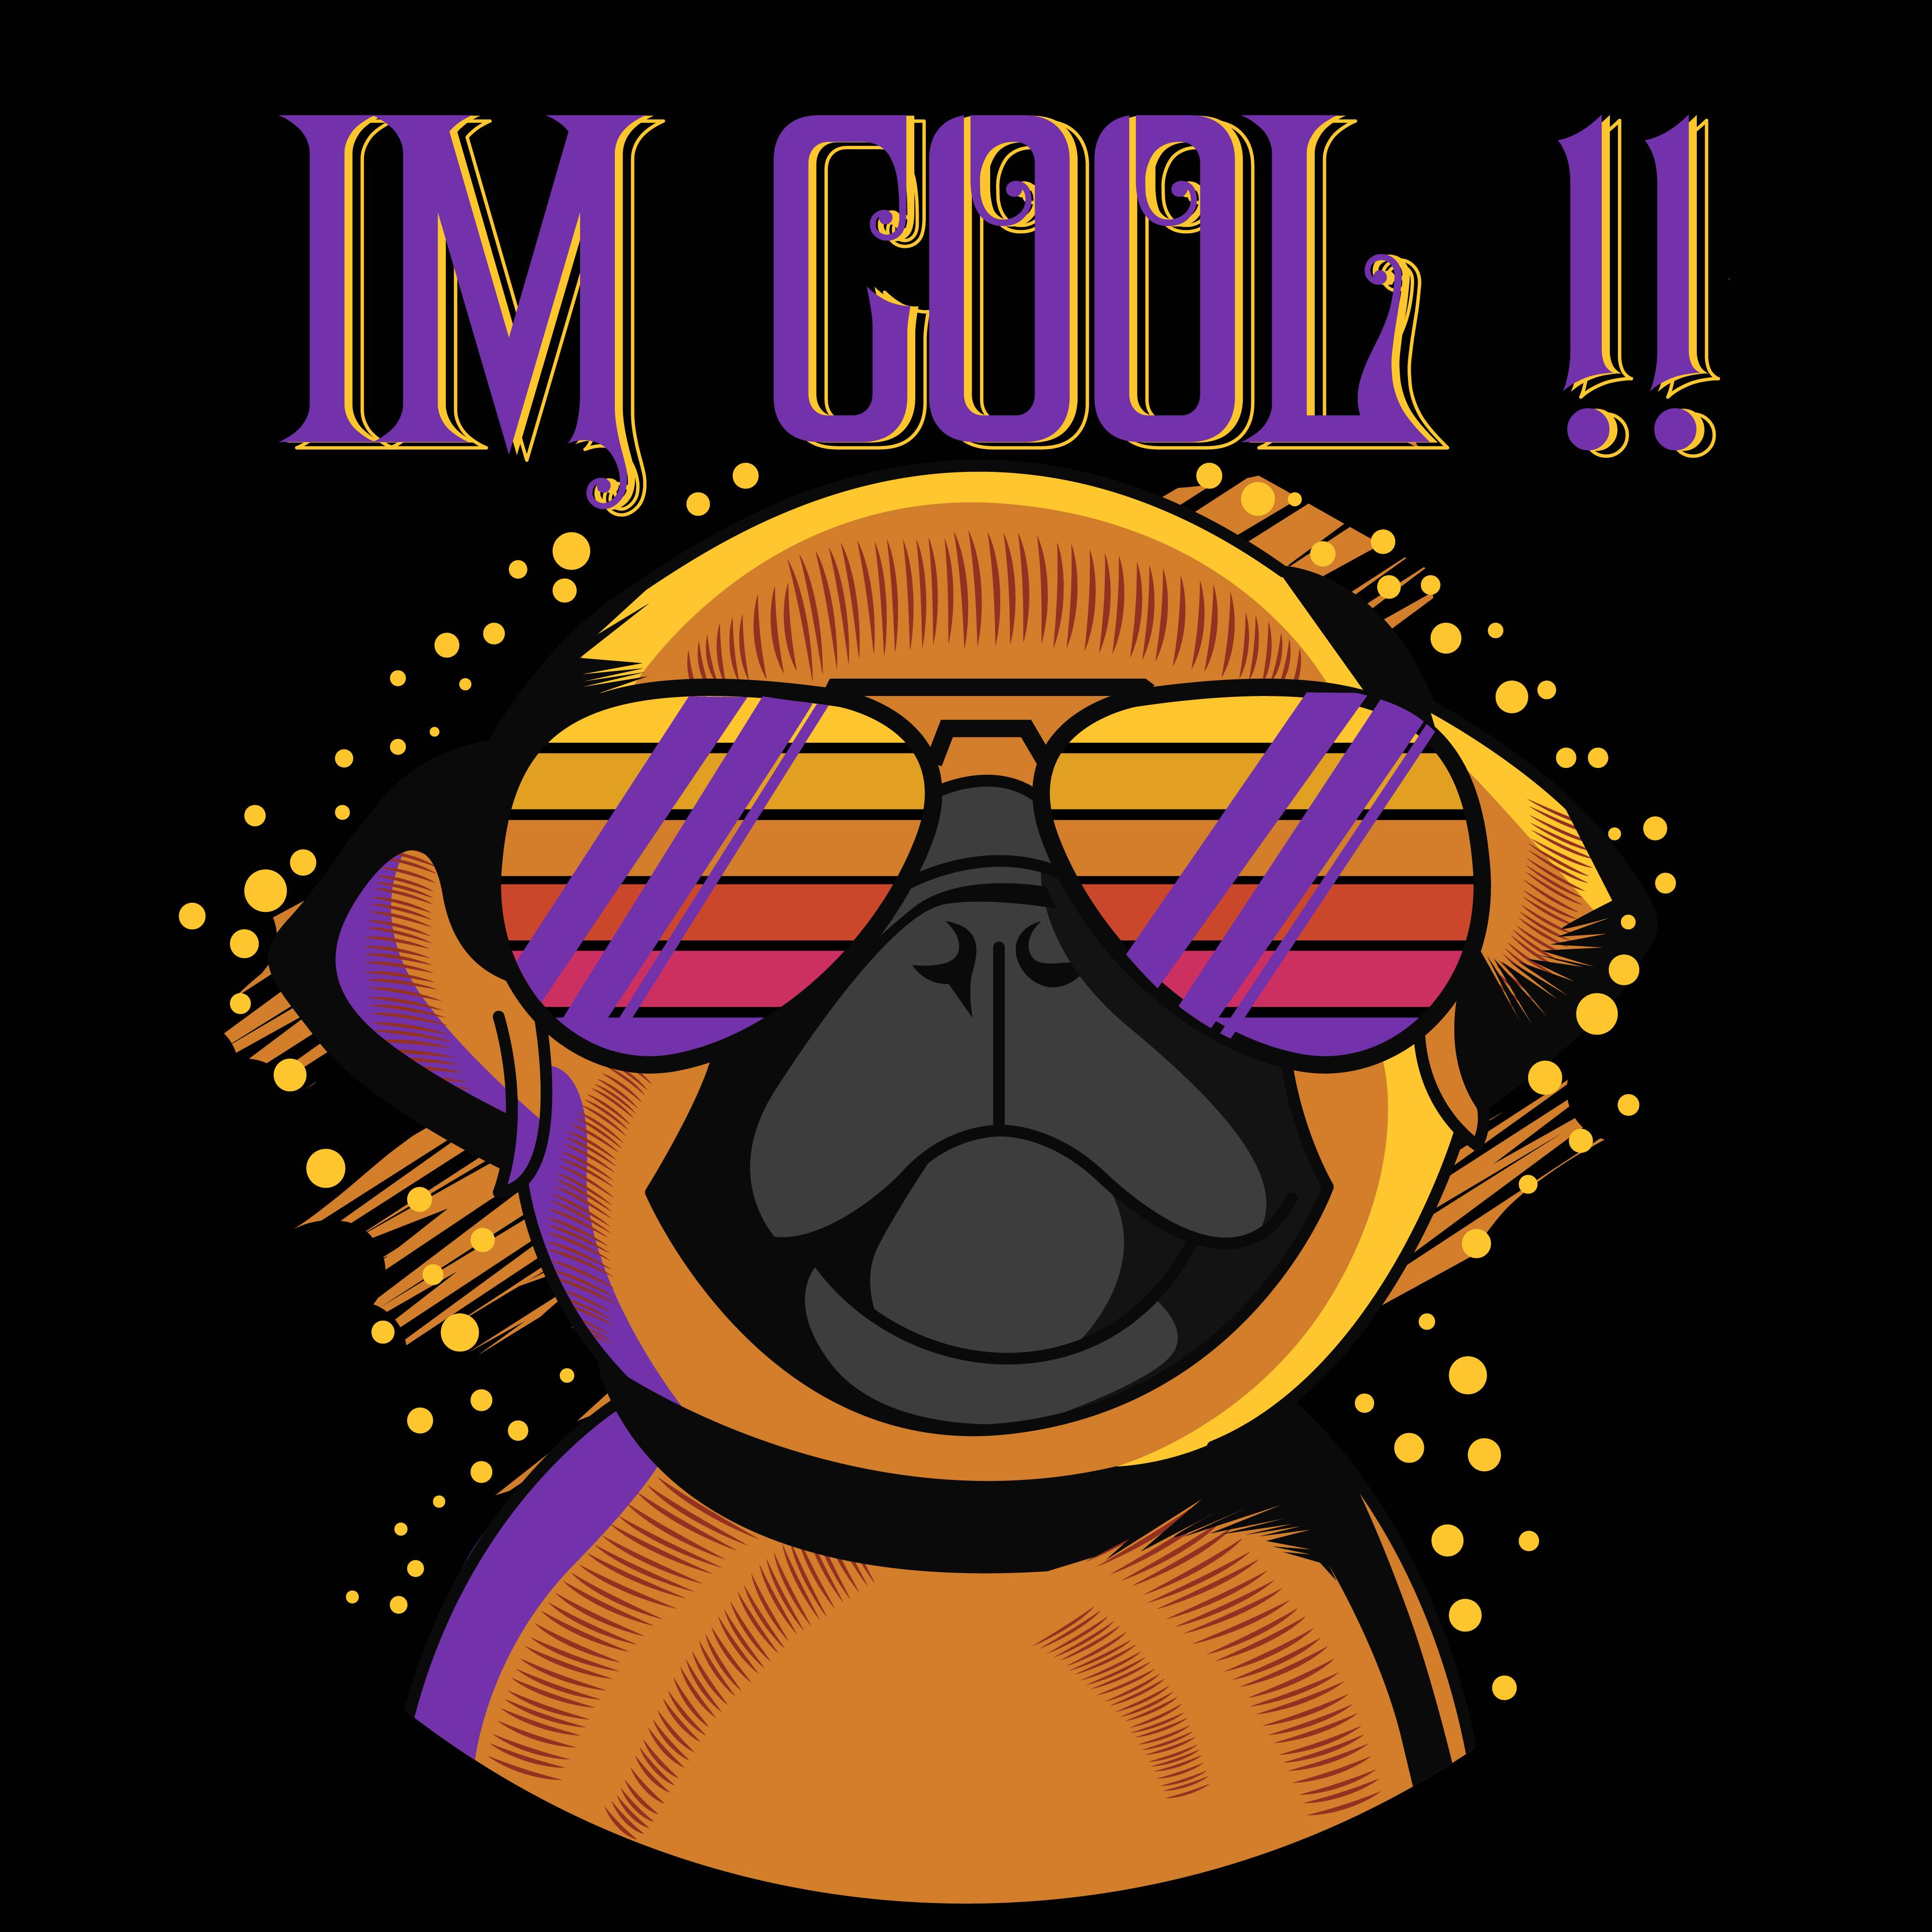 Pug face illustration for t shirt design - Download Free ... (4000 x 4000 Pixel)